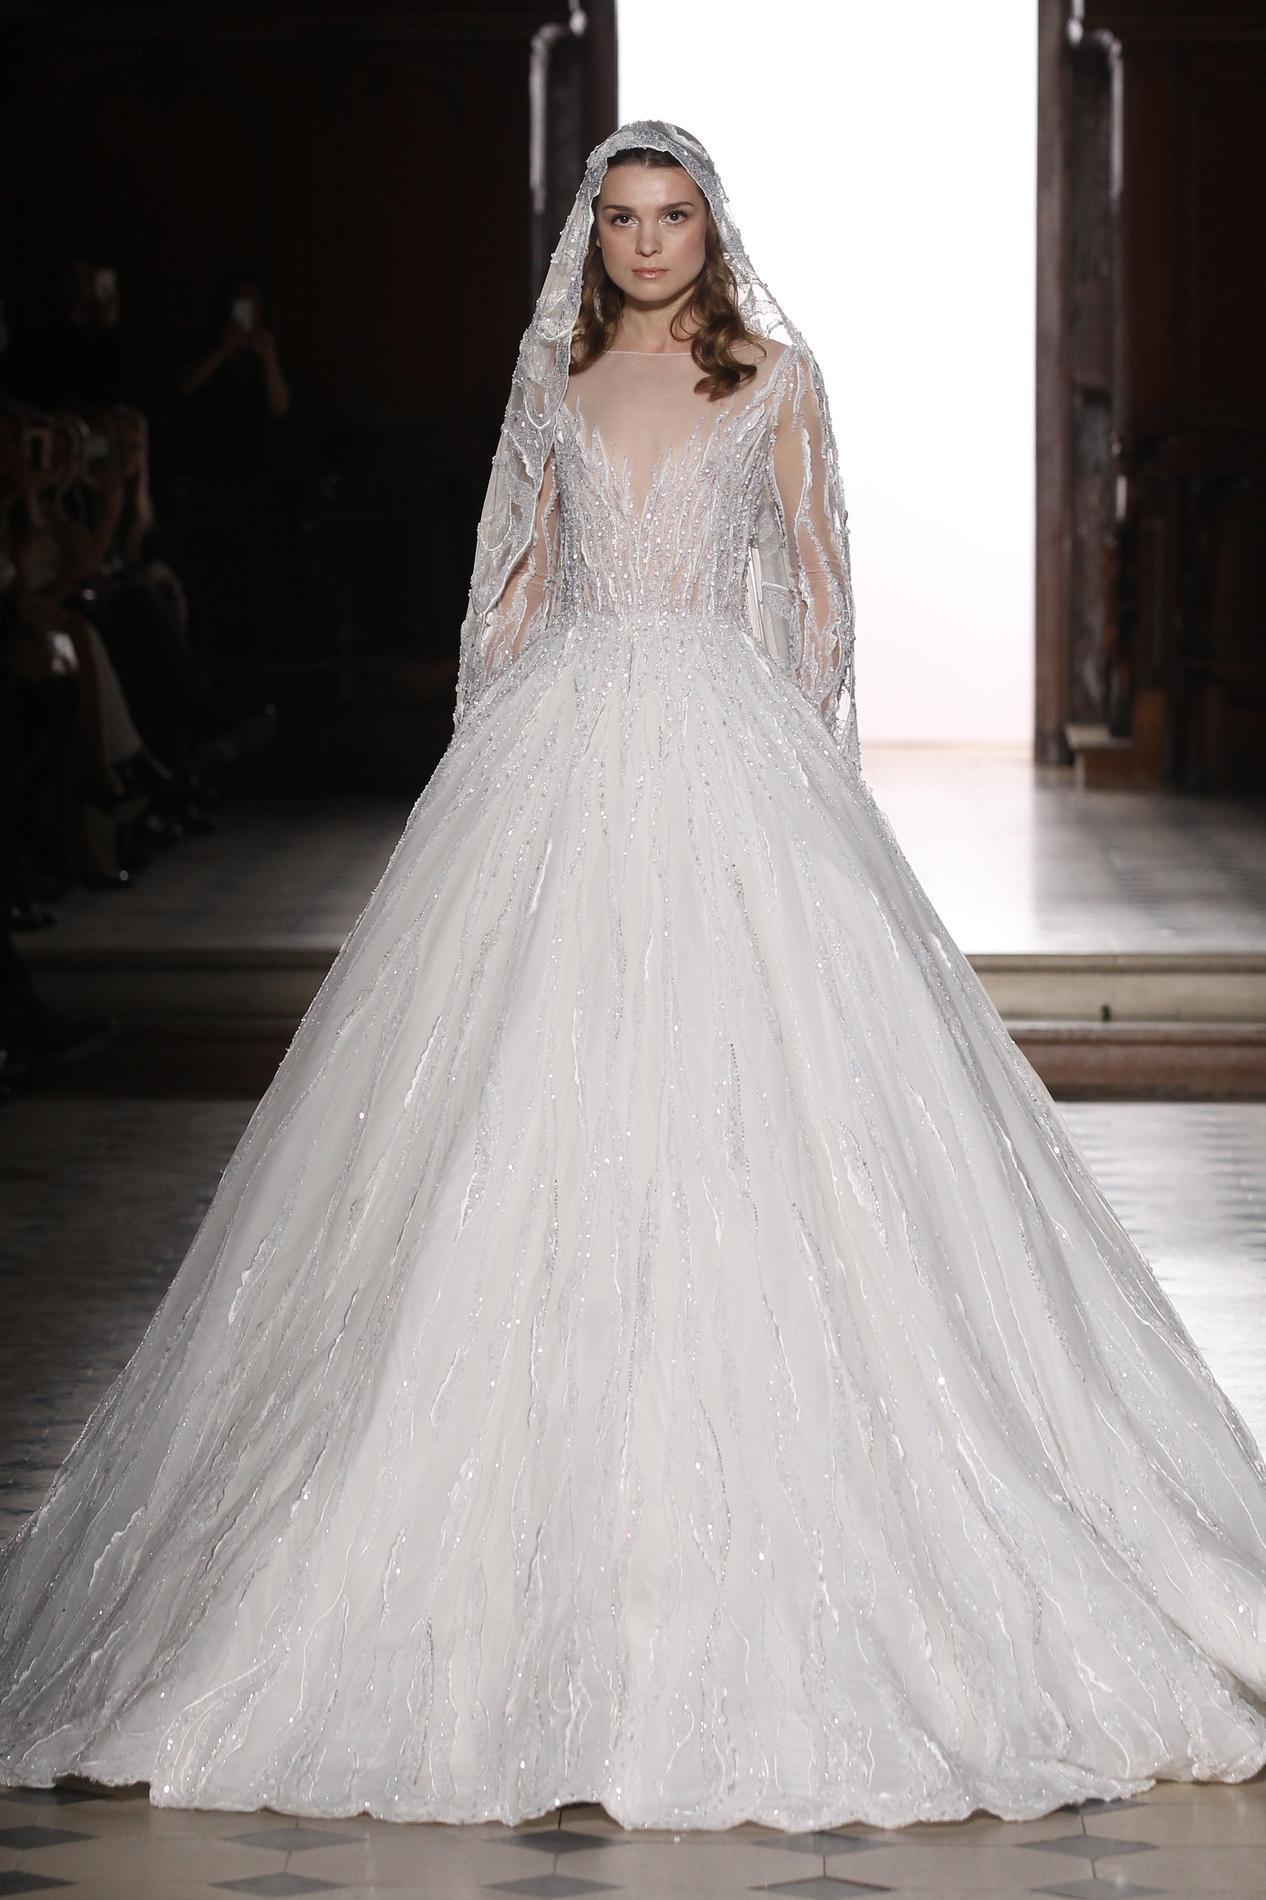 d00b53e868c ... plus belles robes de mariée des défilés haute couture printemps-été 2016  · Voir toutes les photos